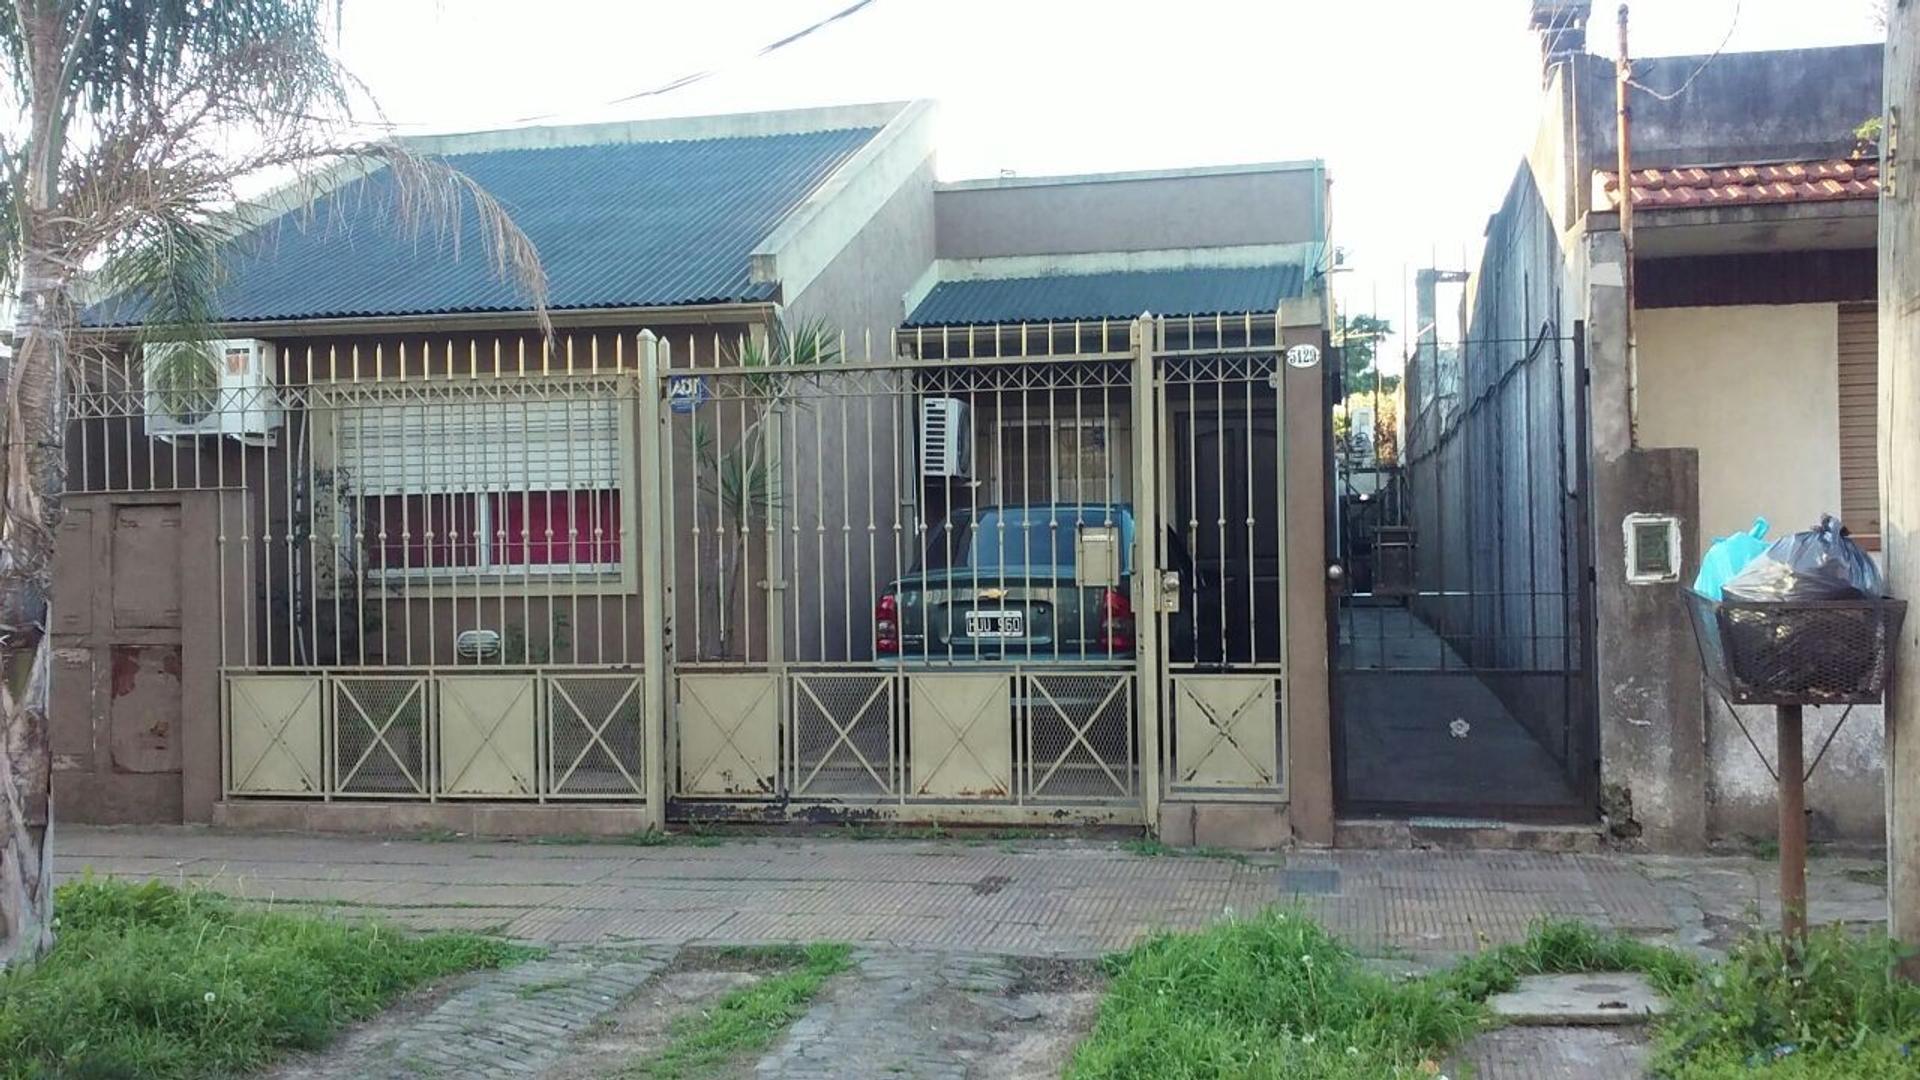 CASA en venta Sgo Parodi 5100 Caseros 2 dormitorios cocina bano APTO A CREDITO